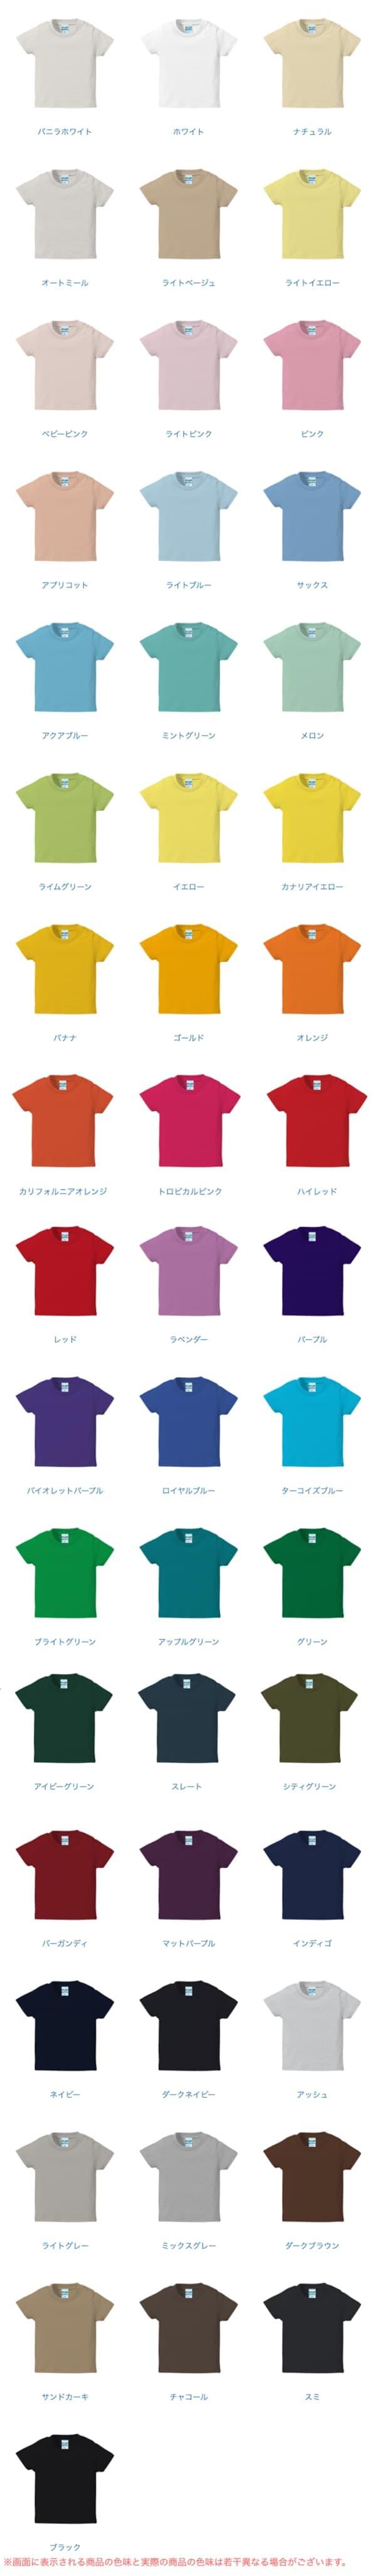 プライムキッズTシャツのカラー展開